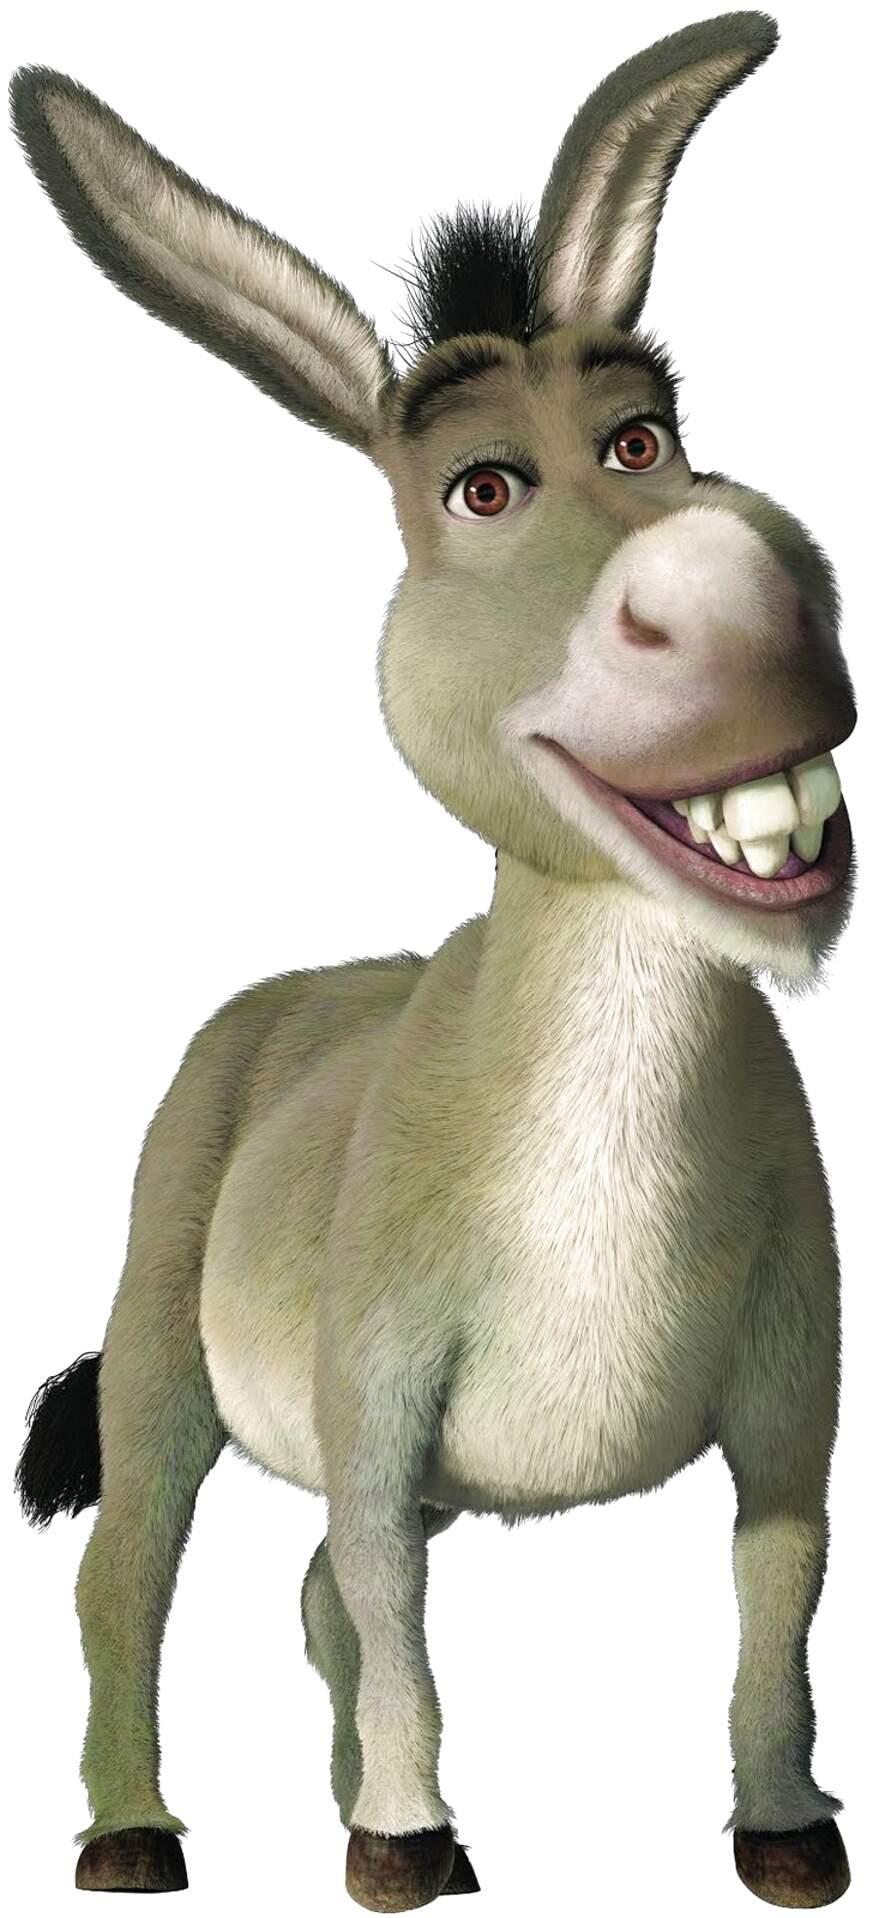 shrek donkey for sale